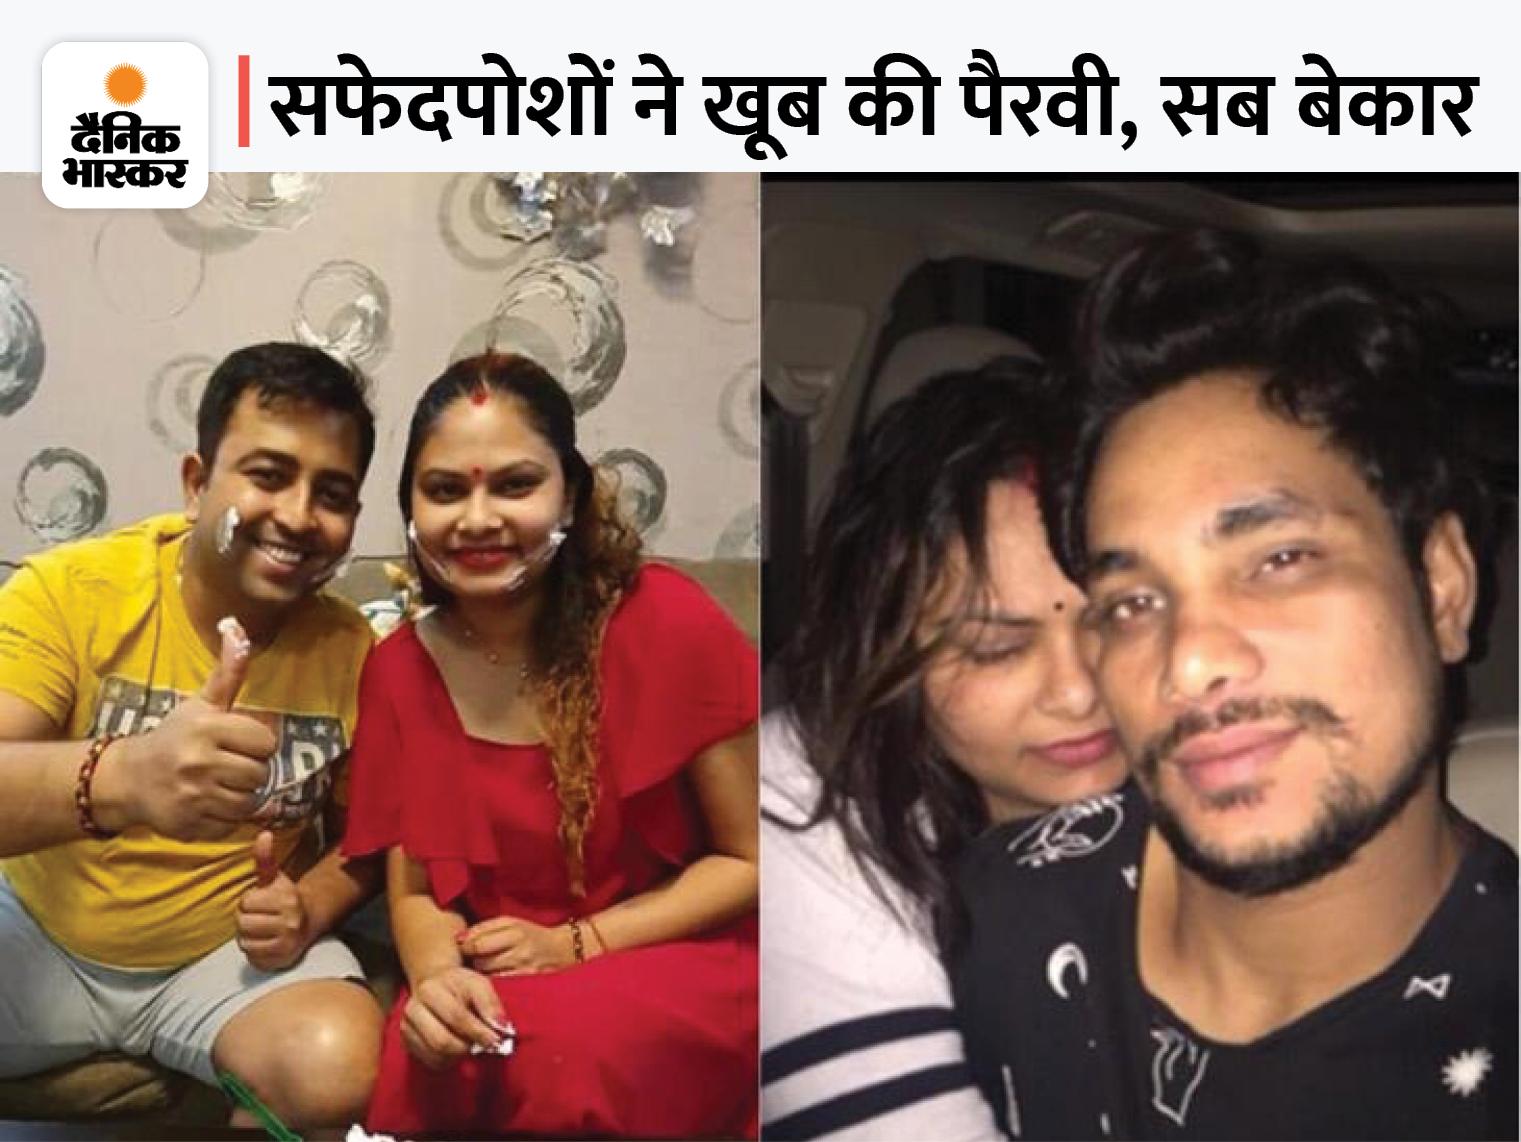 पावर-पैसे से खुशबू और खुद को बचाने की सेटिंग कर रहा था डॉक्टर, पुलिस को सत्ताधारी दल के बड़े नेता से कराए थे कई कॉल बिहार,Bihar - Dainik Bhaskar